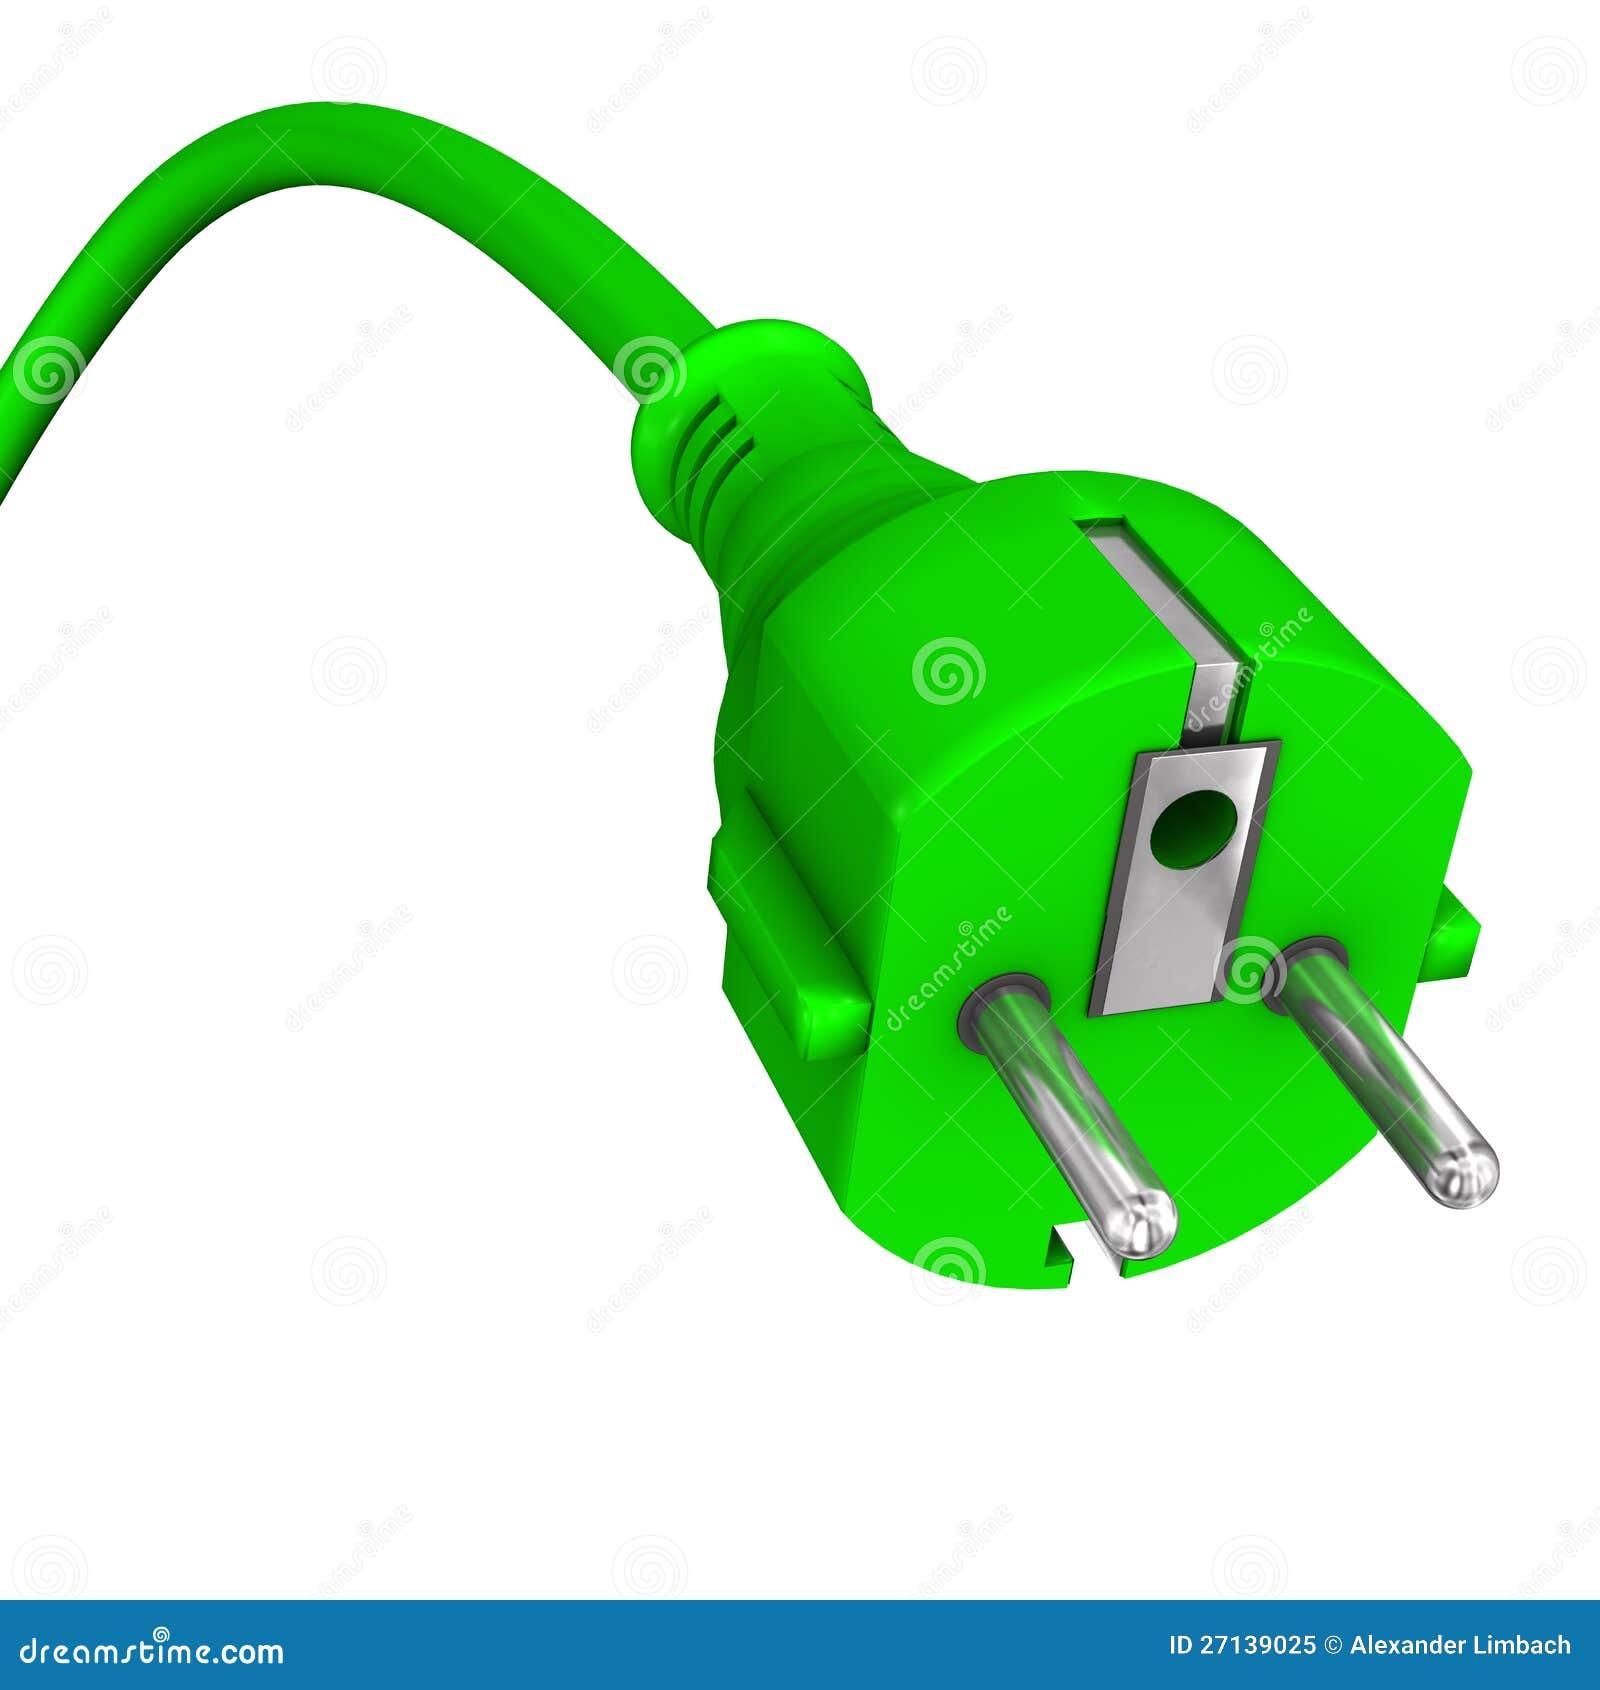 Grüner elektrischer Bolzen stock abbildung. Illustration von ...